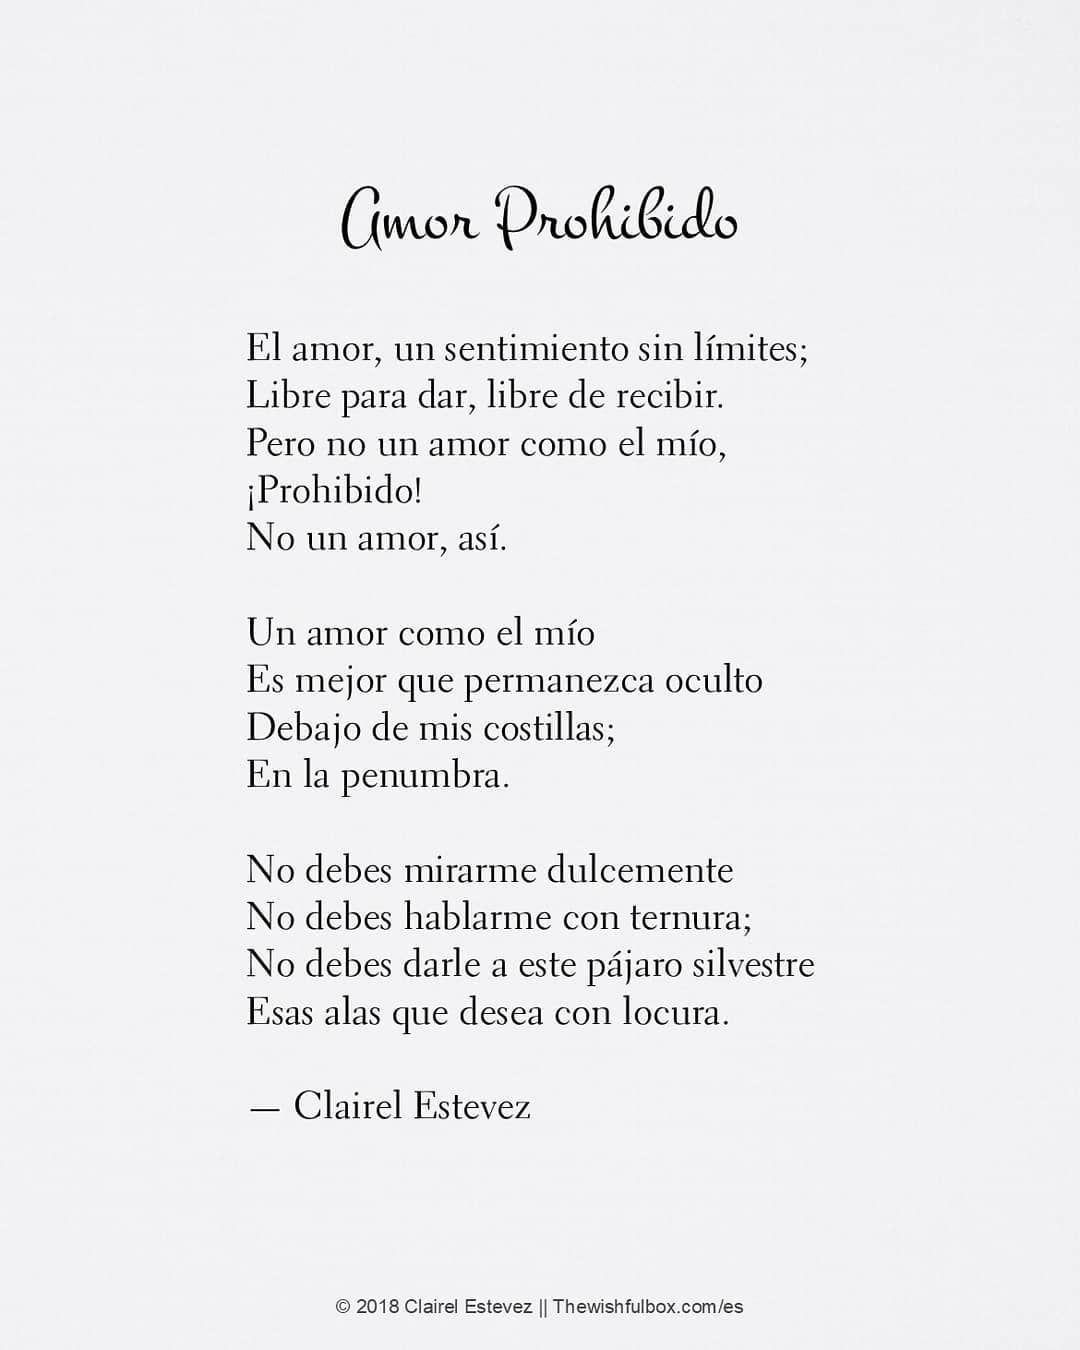 Sigue Clairelestevez En Instagram Amor Prohibido Poema De Amor Poesía En Español Palabras Escritos Poema De Amor Poemas Románticos Amor Prohibido